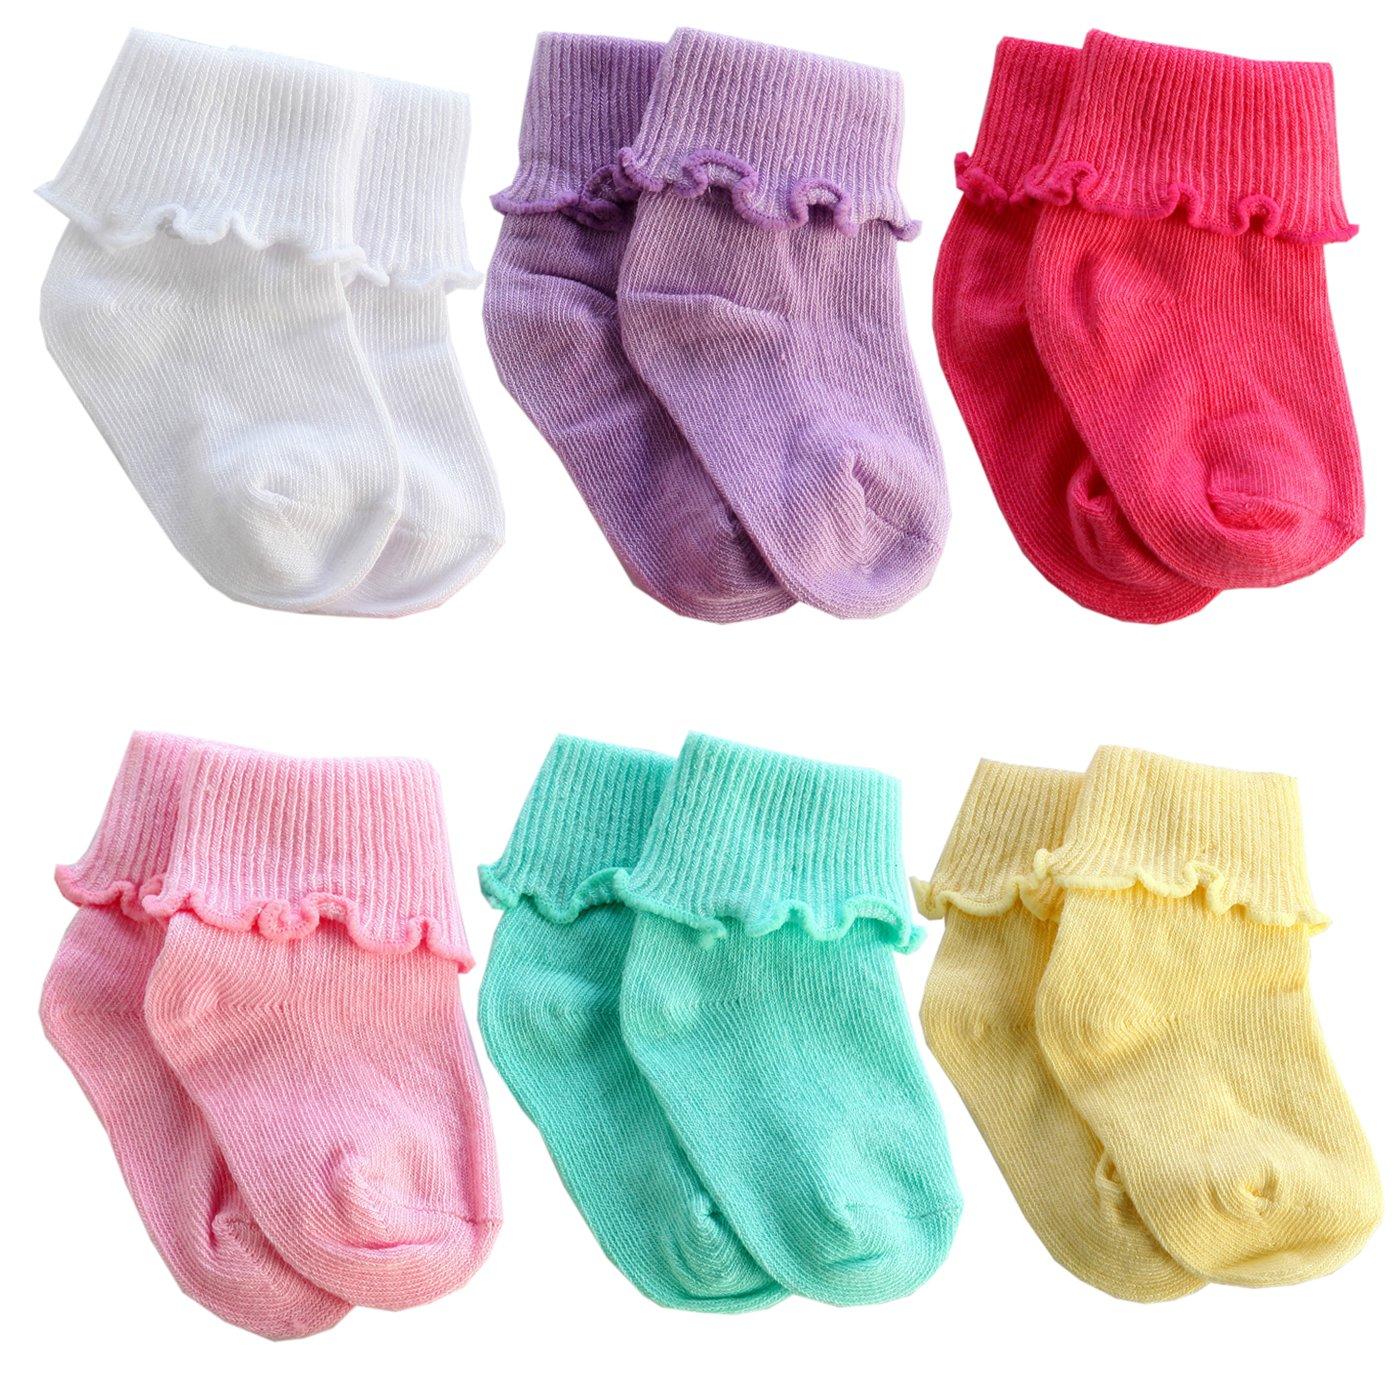 6 Packs Newborn Toddler Baby Cotton Warm Non Slip Ankle Socks from Sept.Filles